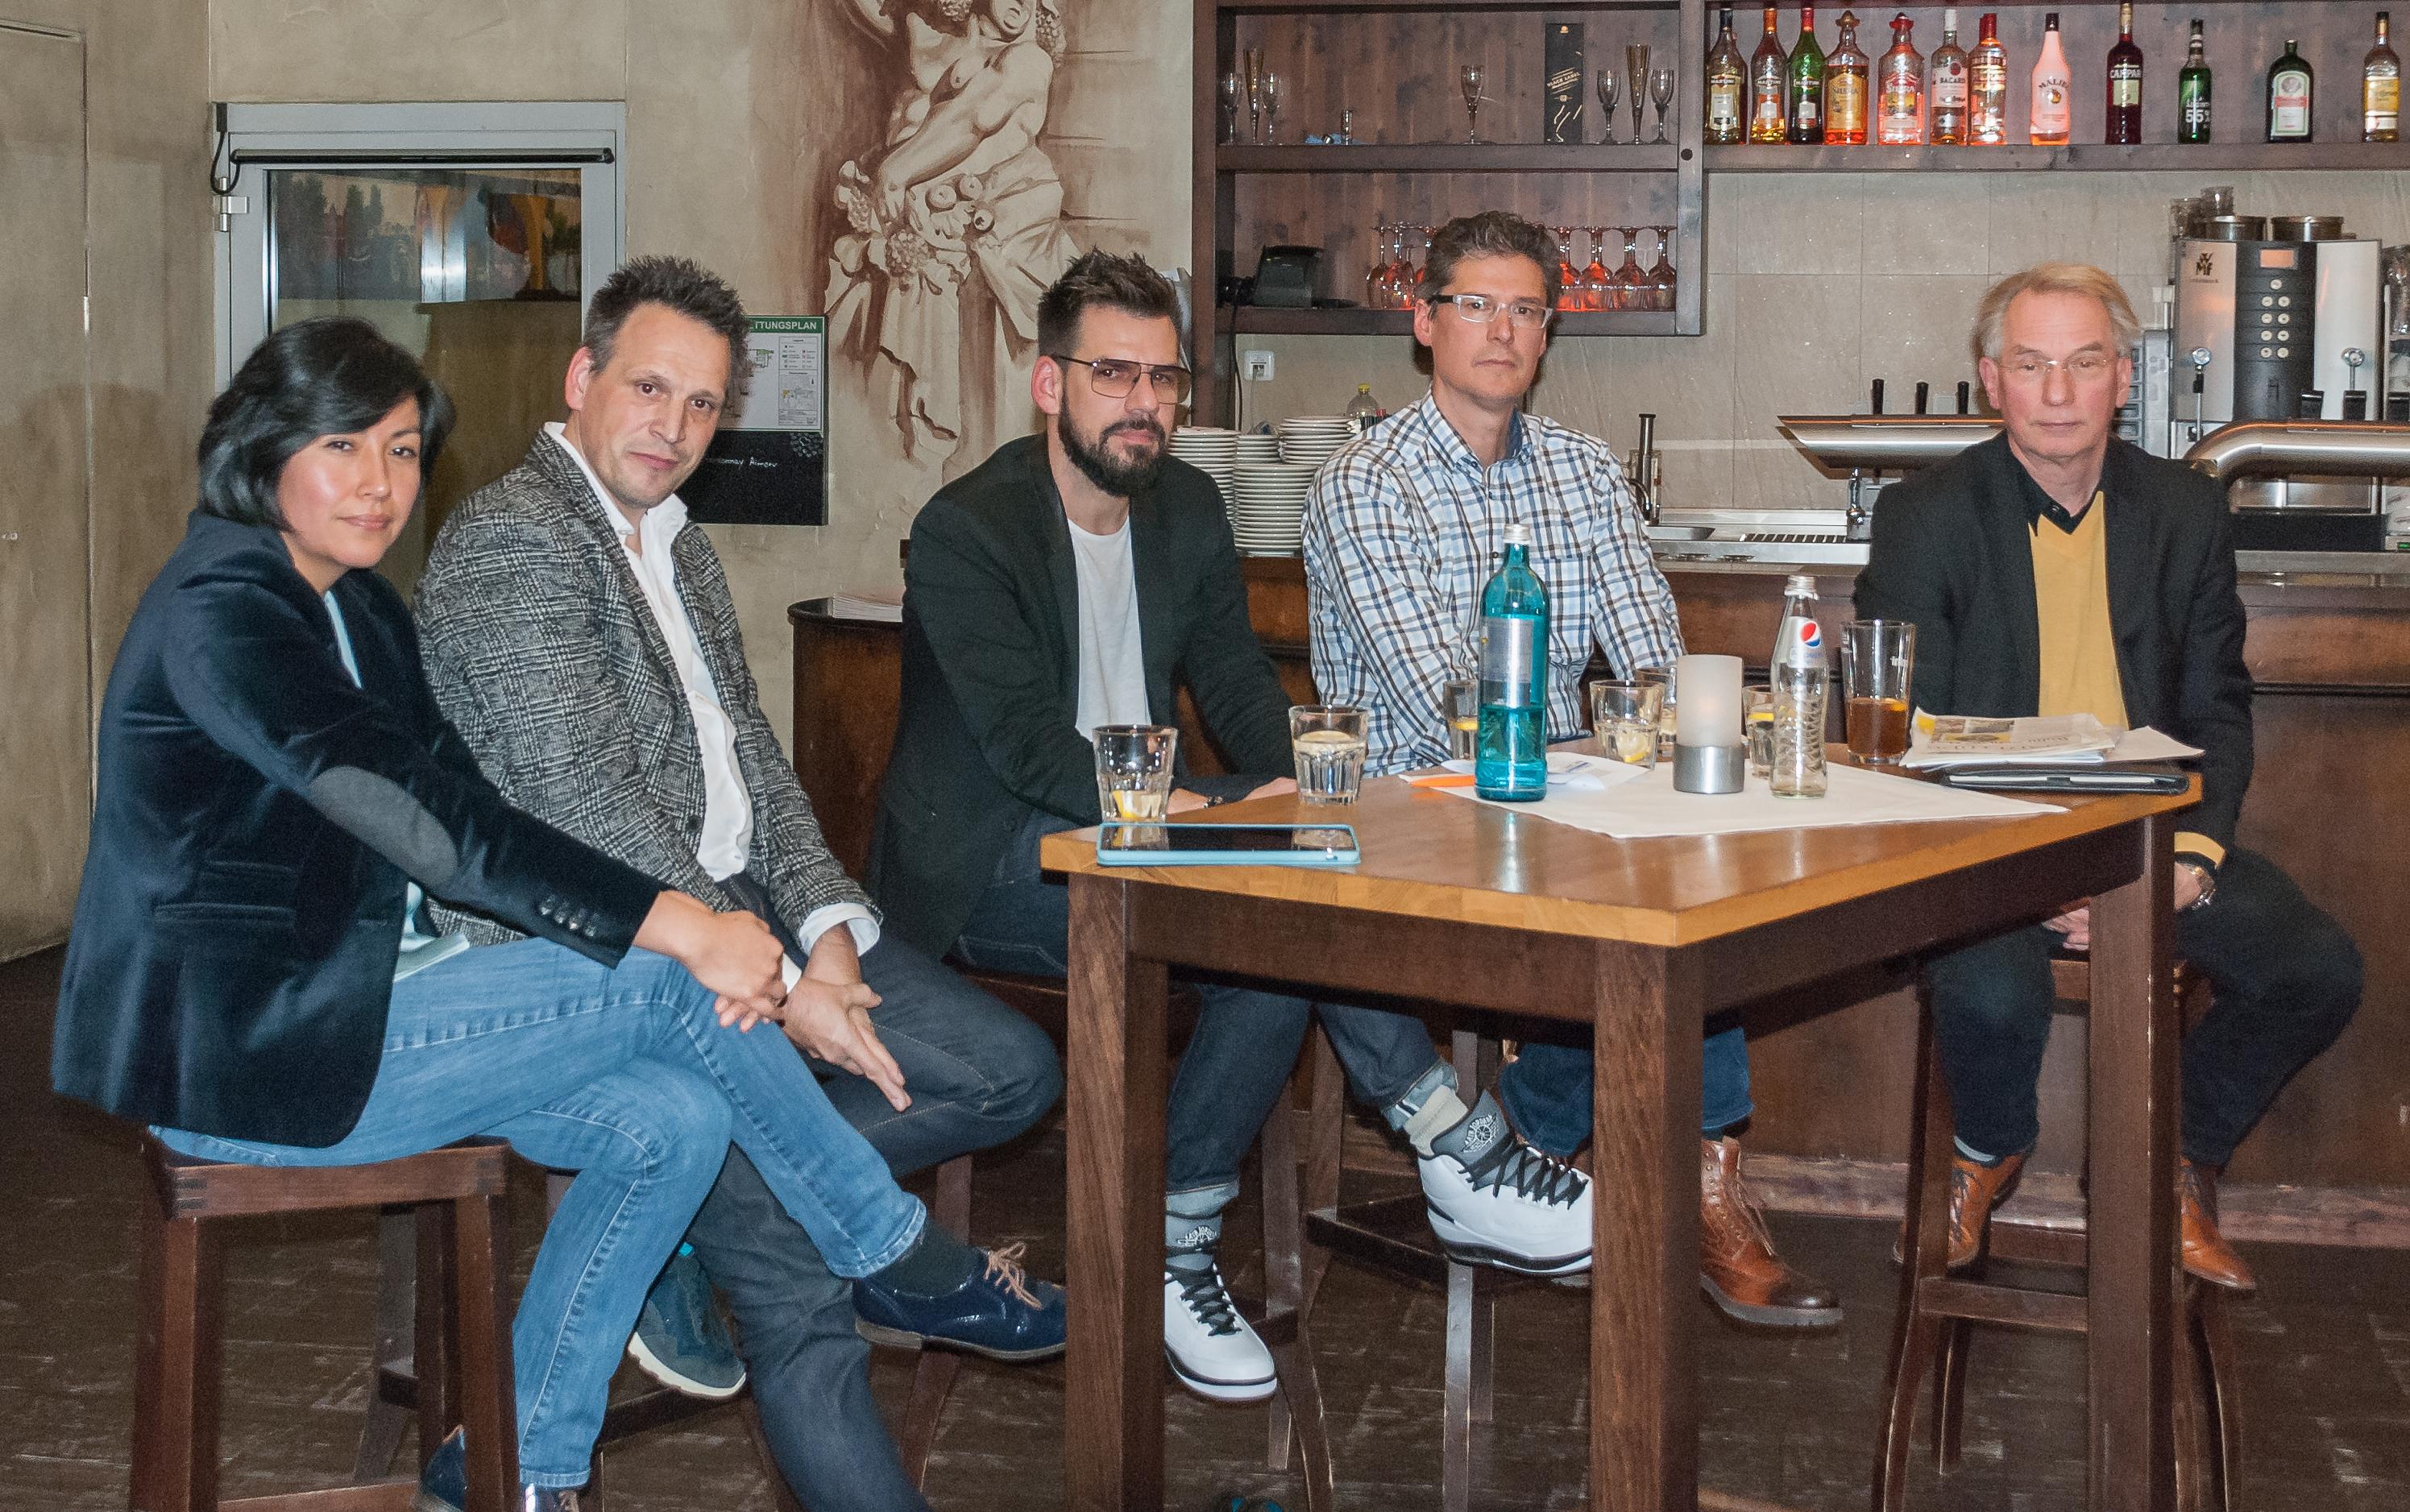 """FDP-Podiumsdiskussion """"Marke Ludwigsburg stärken, von links: Nadine Schuster (Stadt Ludwigsburg, Tourismus und Events), Axel Müller (LUIS Innenstadtverein), Jens Kenserski (Eventagentur pulsmacher), Jochen Eisele (FDP-Stadtrat), Johann Heer (FDP-Stadtrat)"""